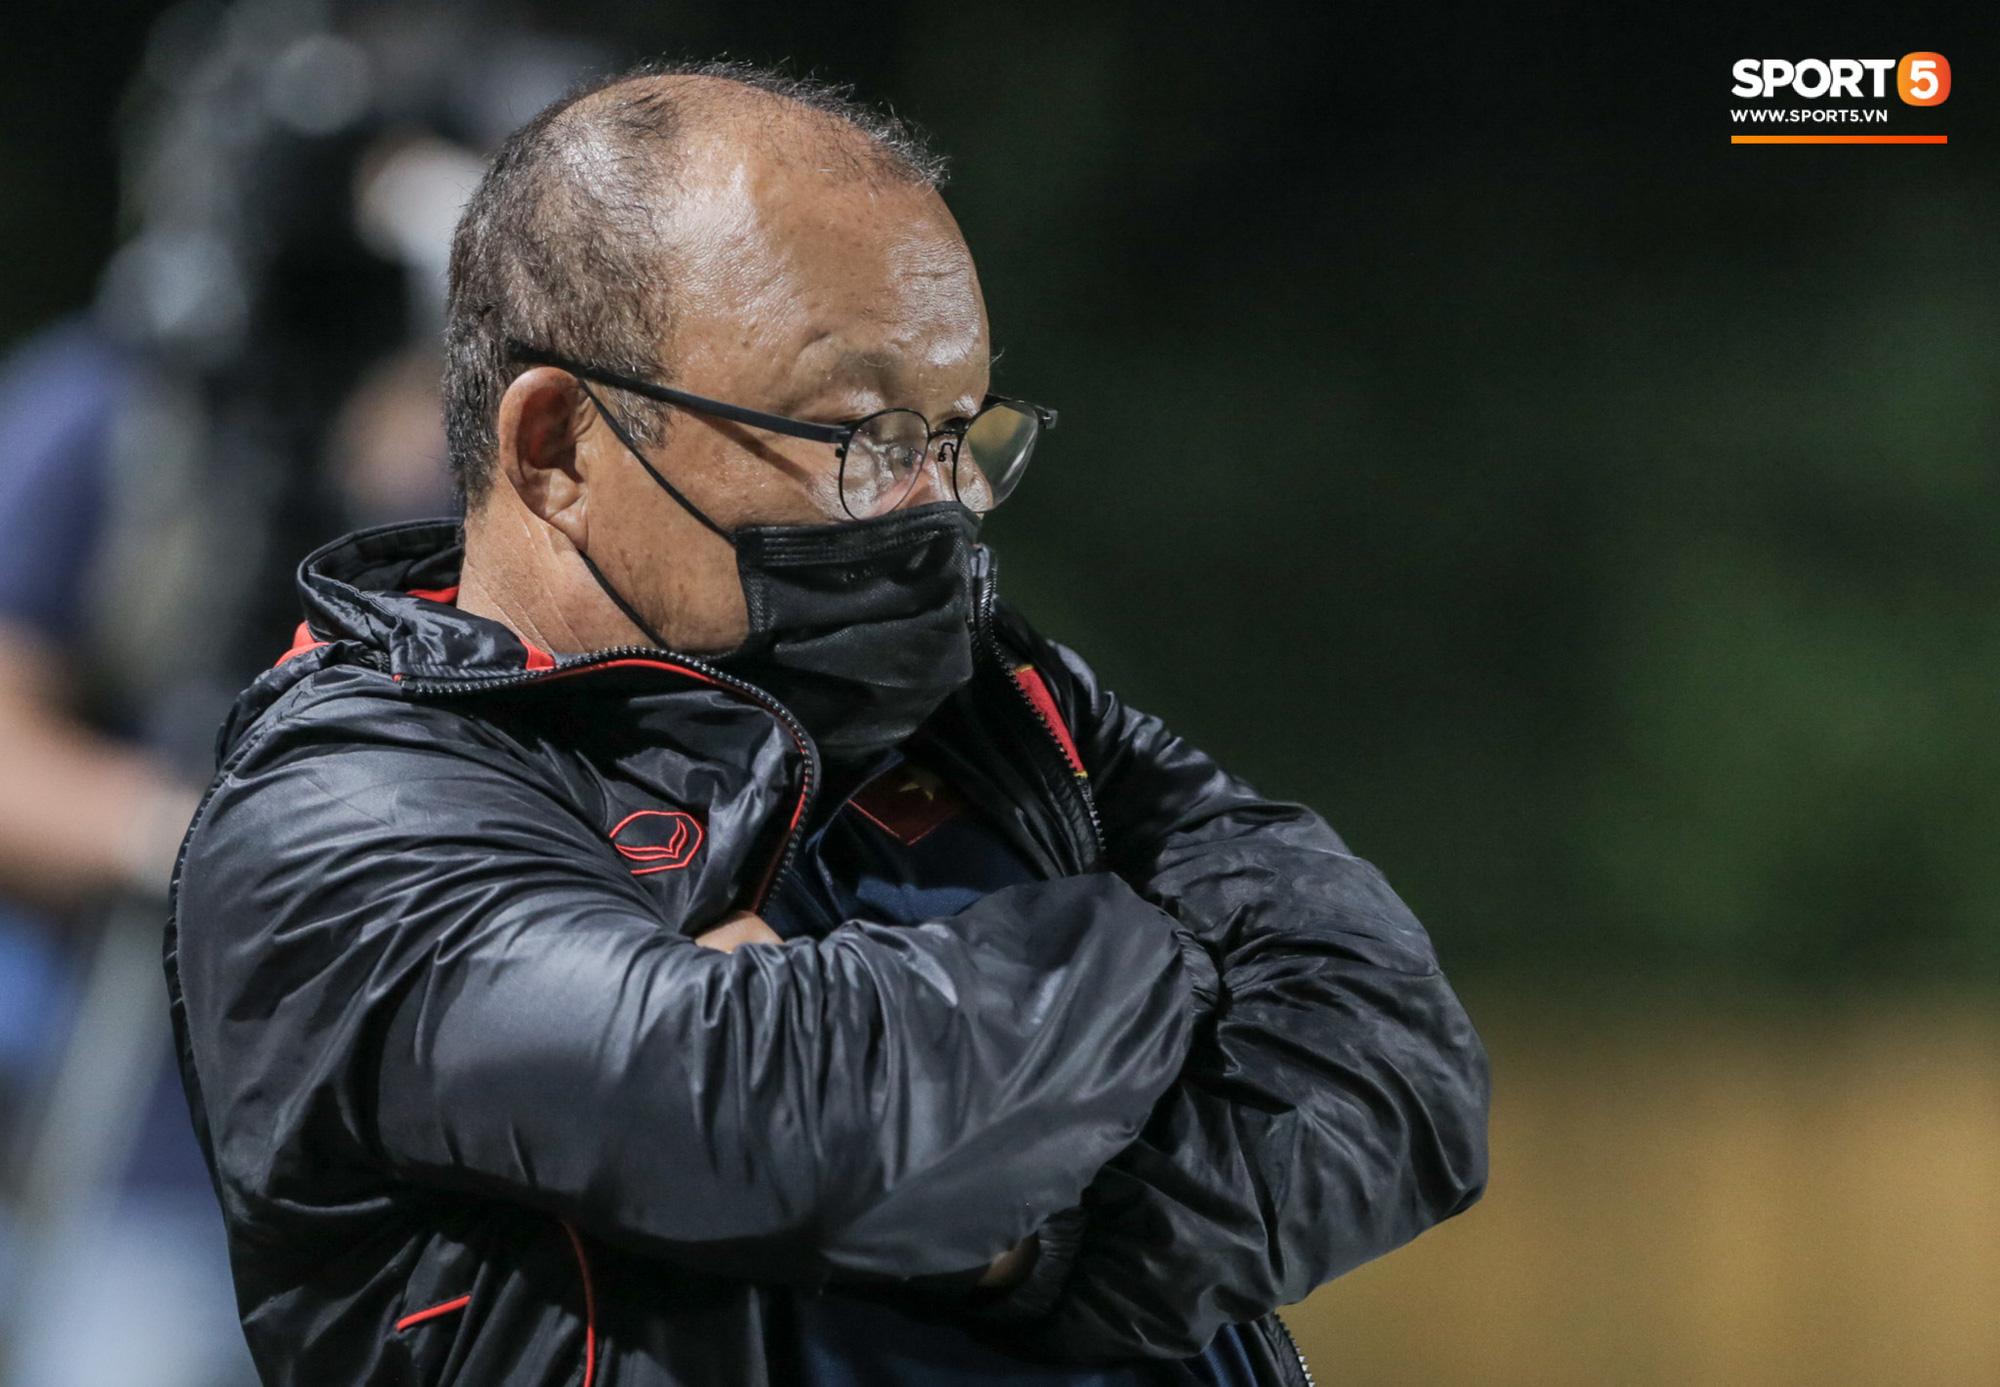 HLV Park Hang-seo không cản nổi học trò đá quyết liệt dù đã cấm xoạc bóng sau sự cố chấn thương - Ảnh 5.